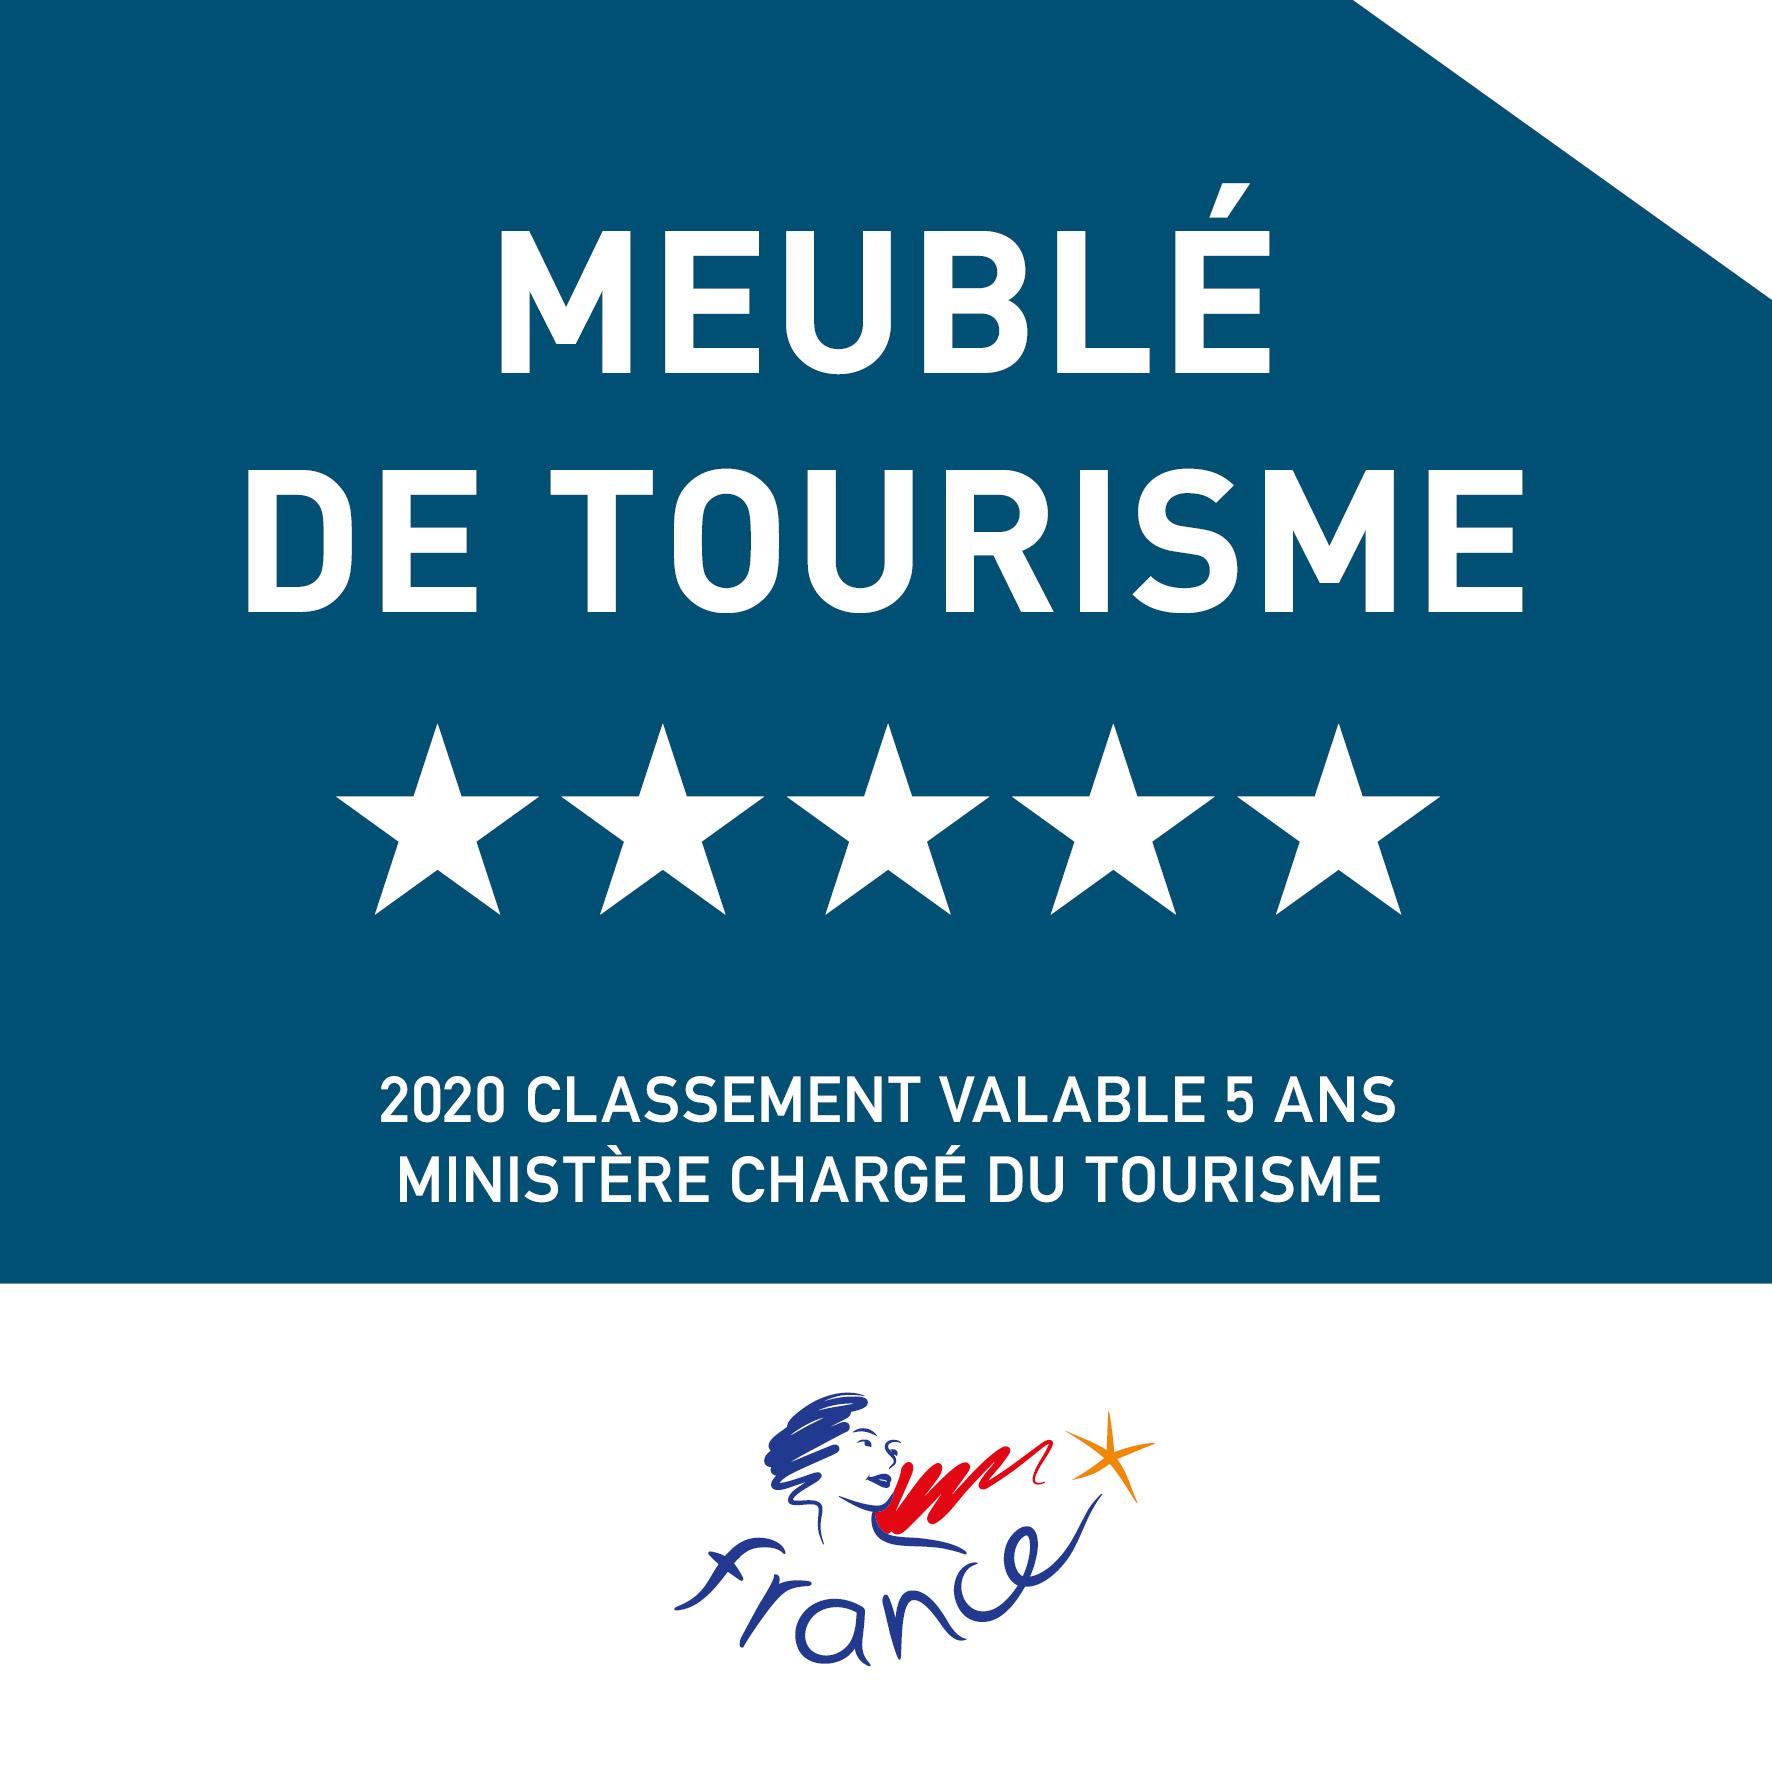 Atout France Meublé de Tourisme